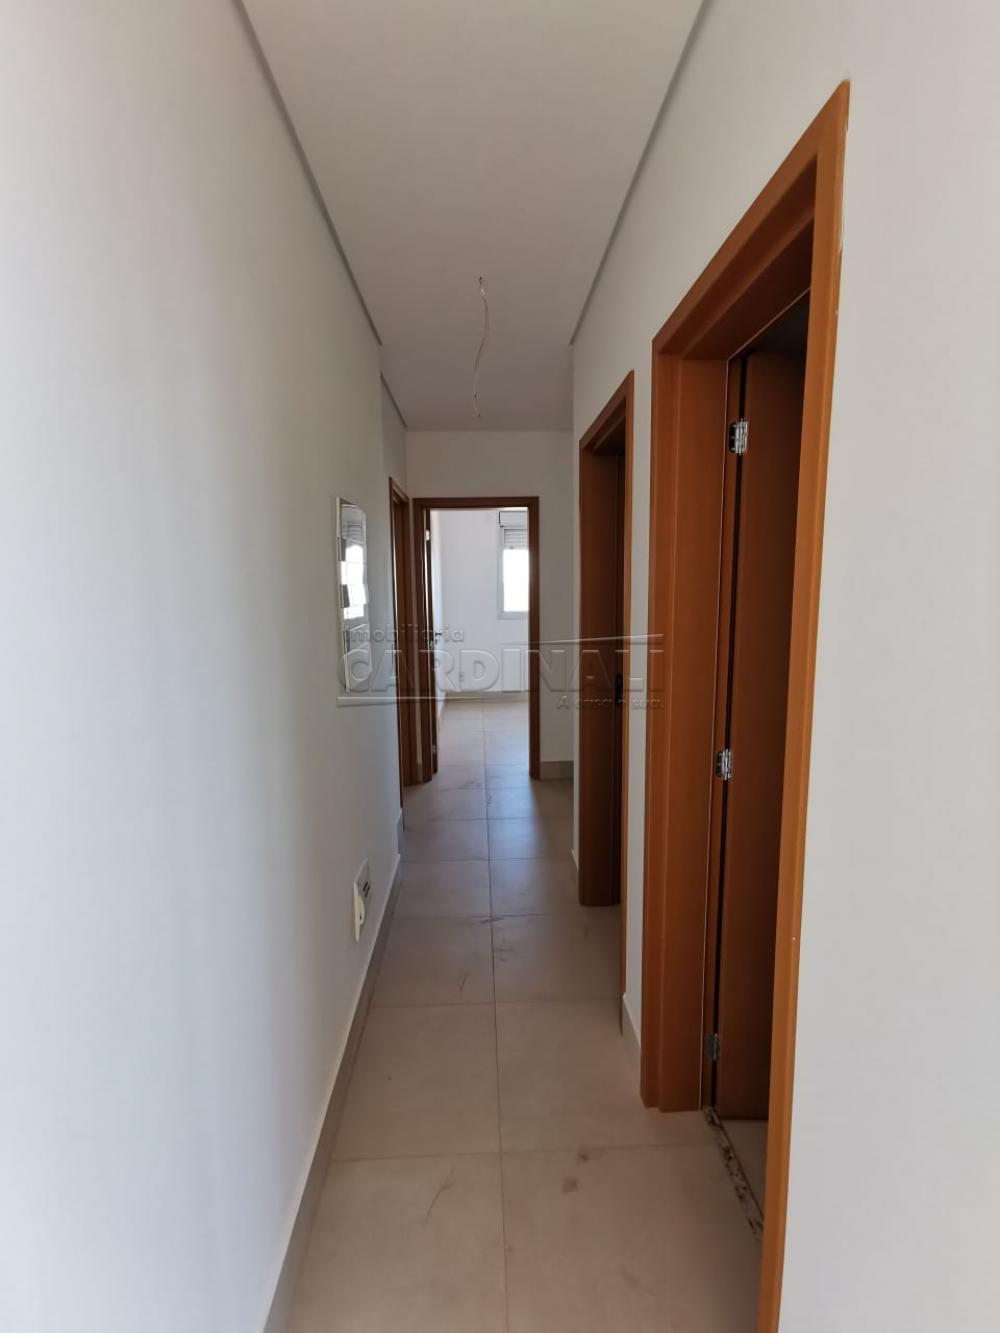 Alugar Apartamento / Padrão em Araraquara R$ 2.800,00 - Foto 9